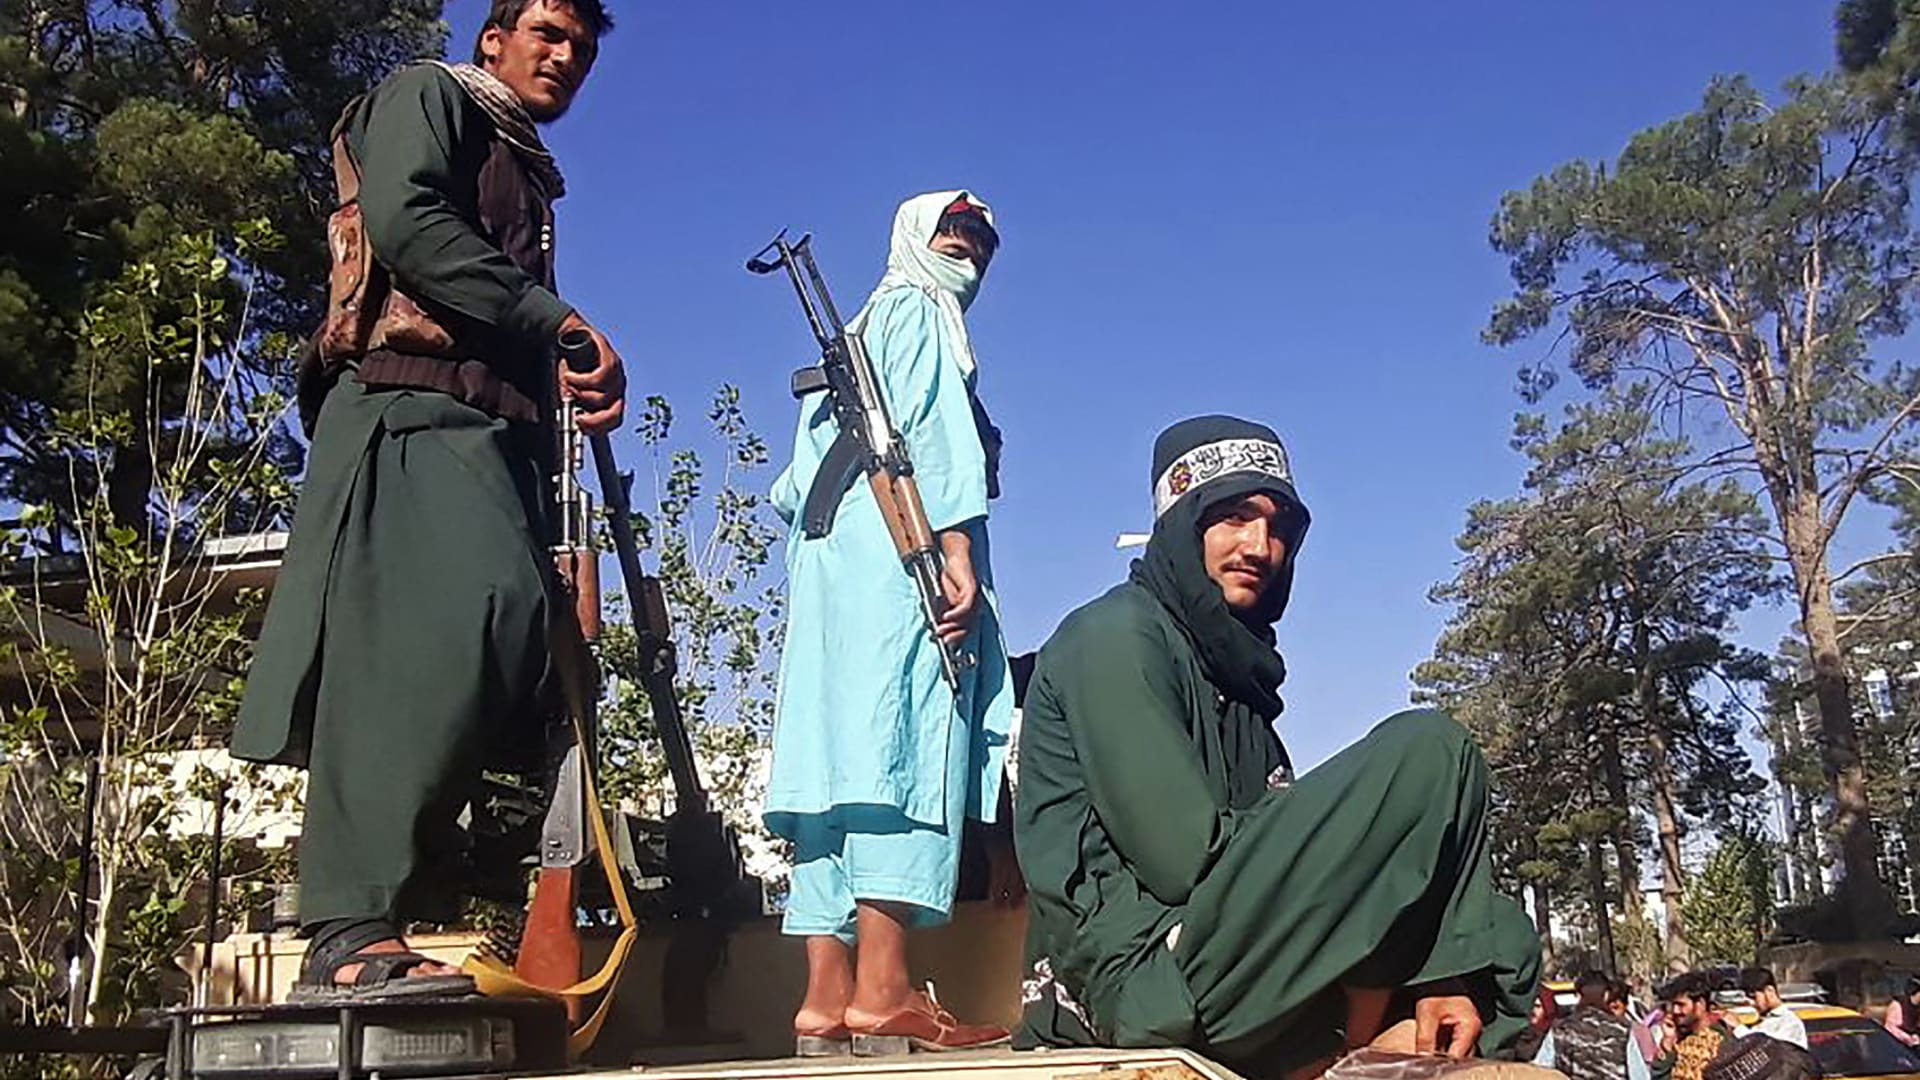 مقاتلو طالبان في مدينة هرات ثالث أكبر مدن أفغانستان